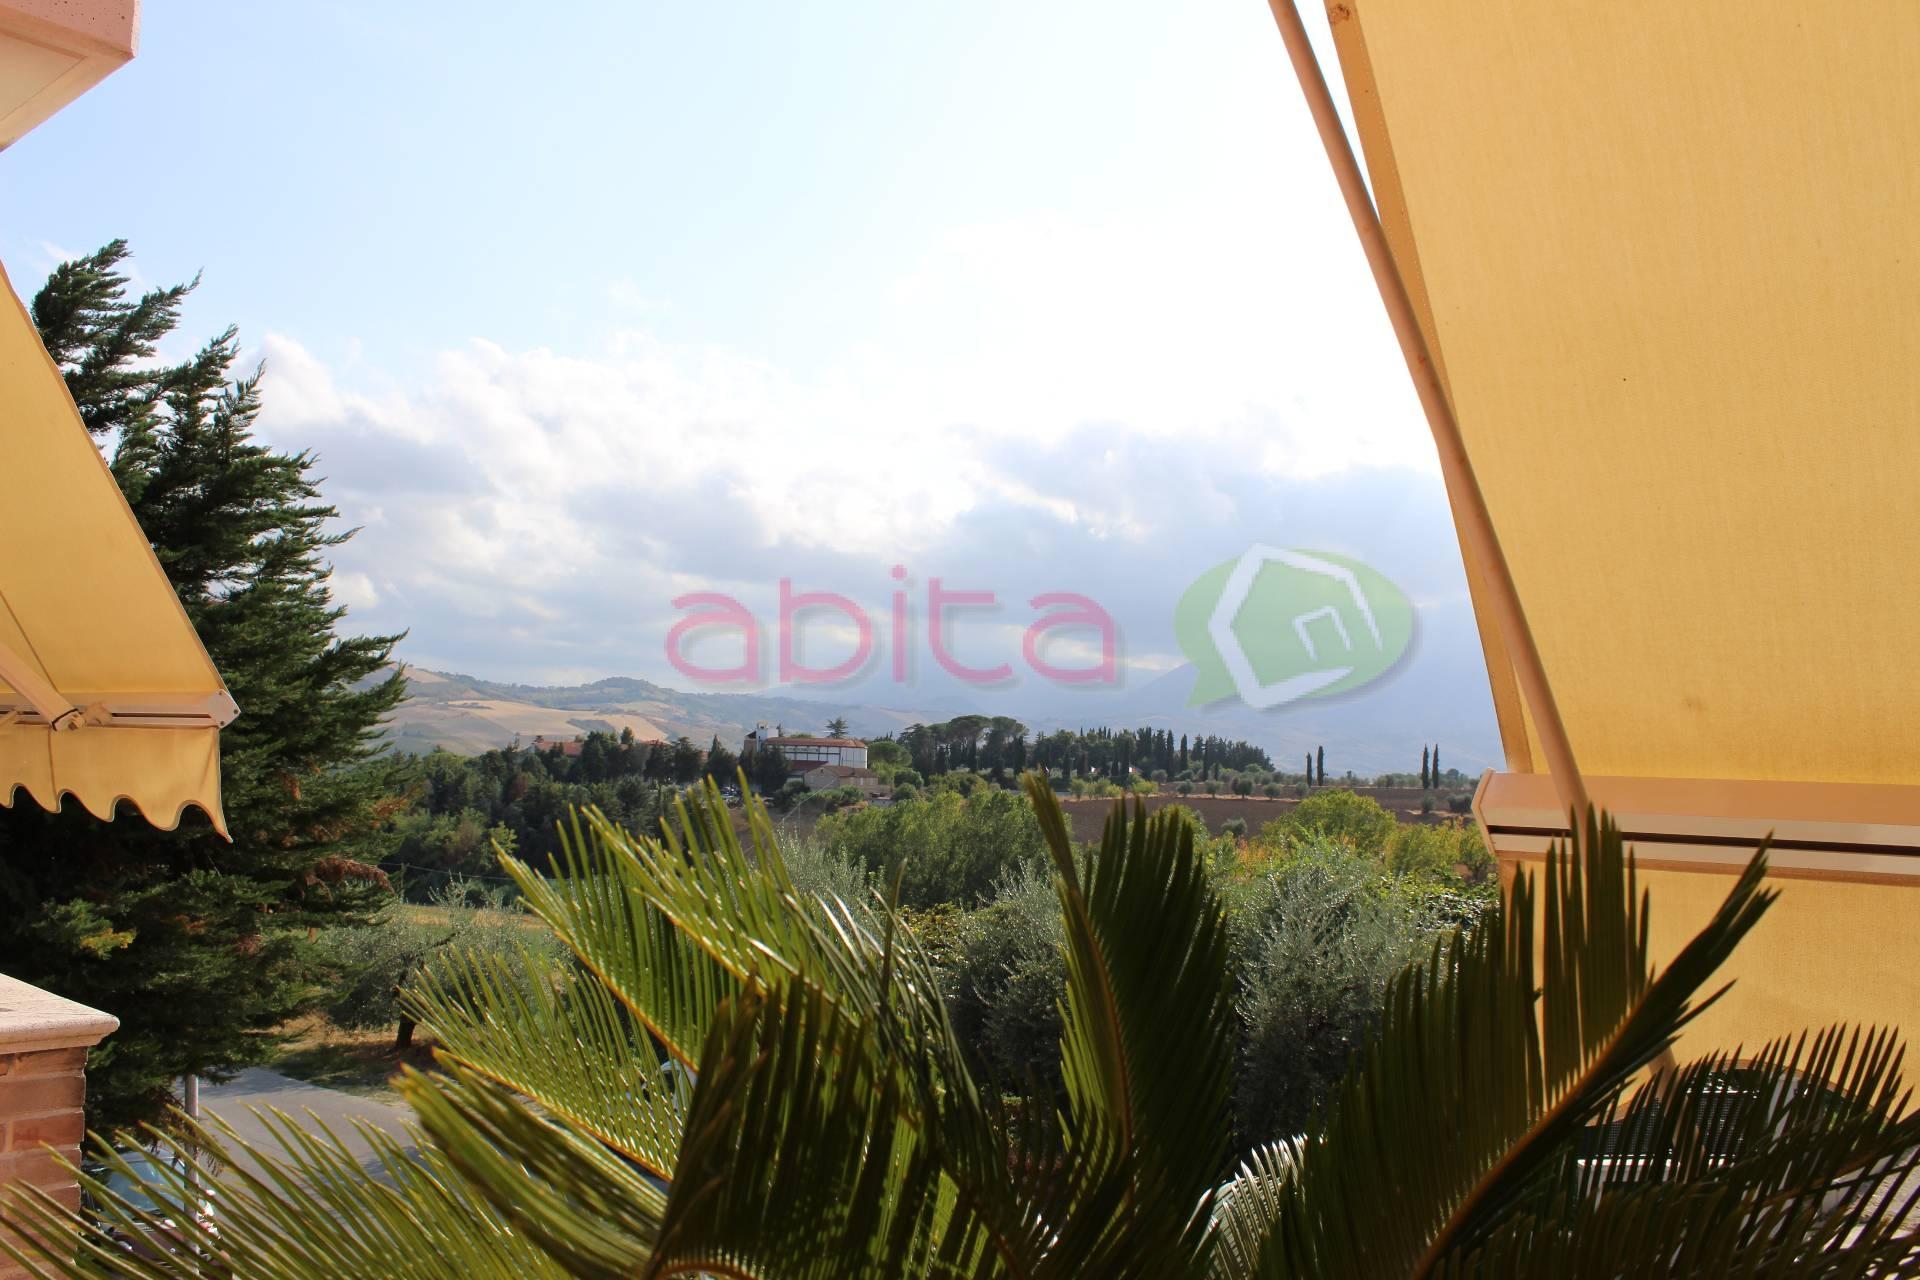 Appartamento in vendita a Spinetoli, 3 locali, zona Località: PagliaredelTronto, prezzo € 95.000 | CambioCasa.it